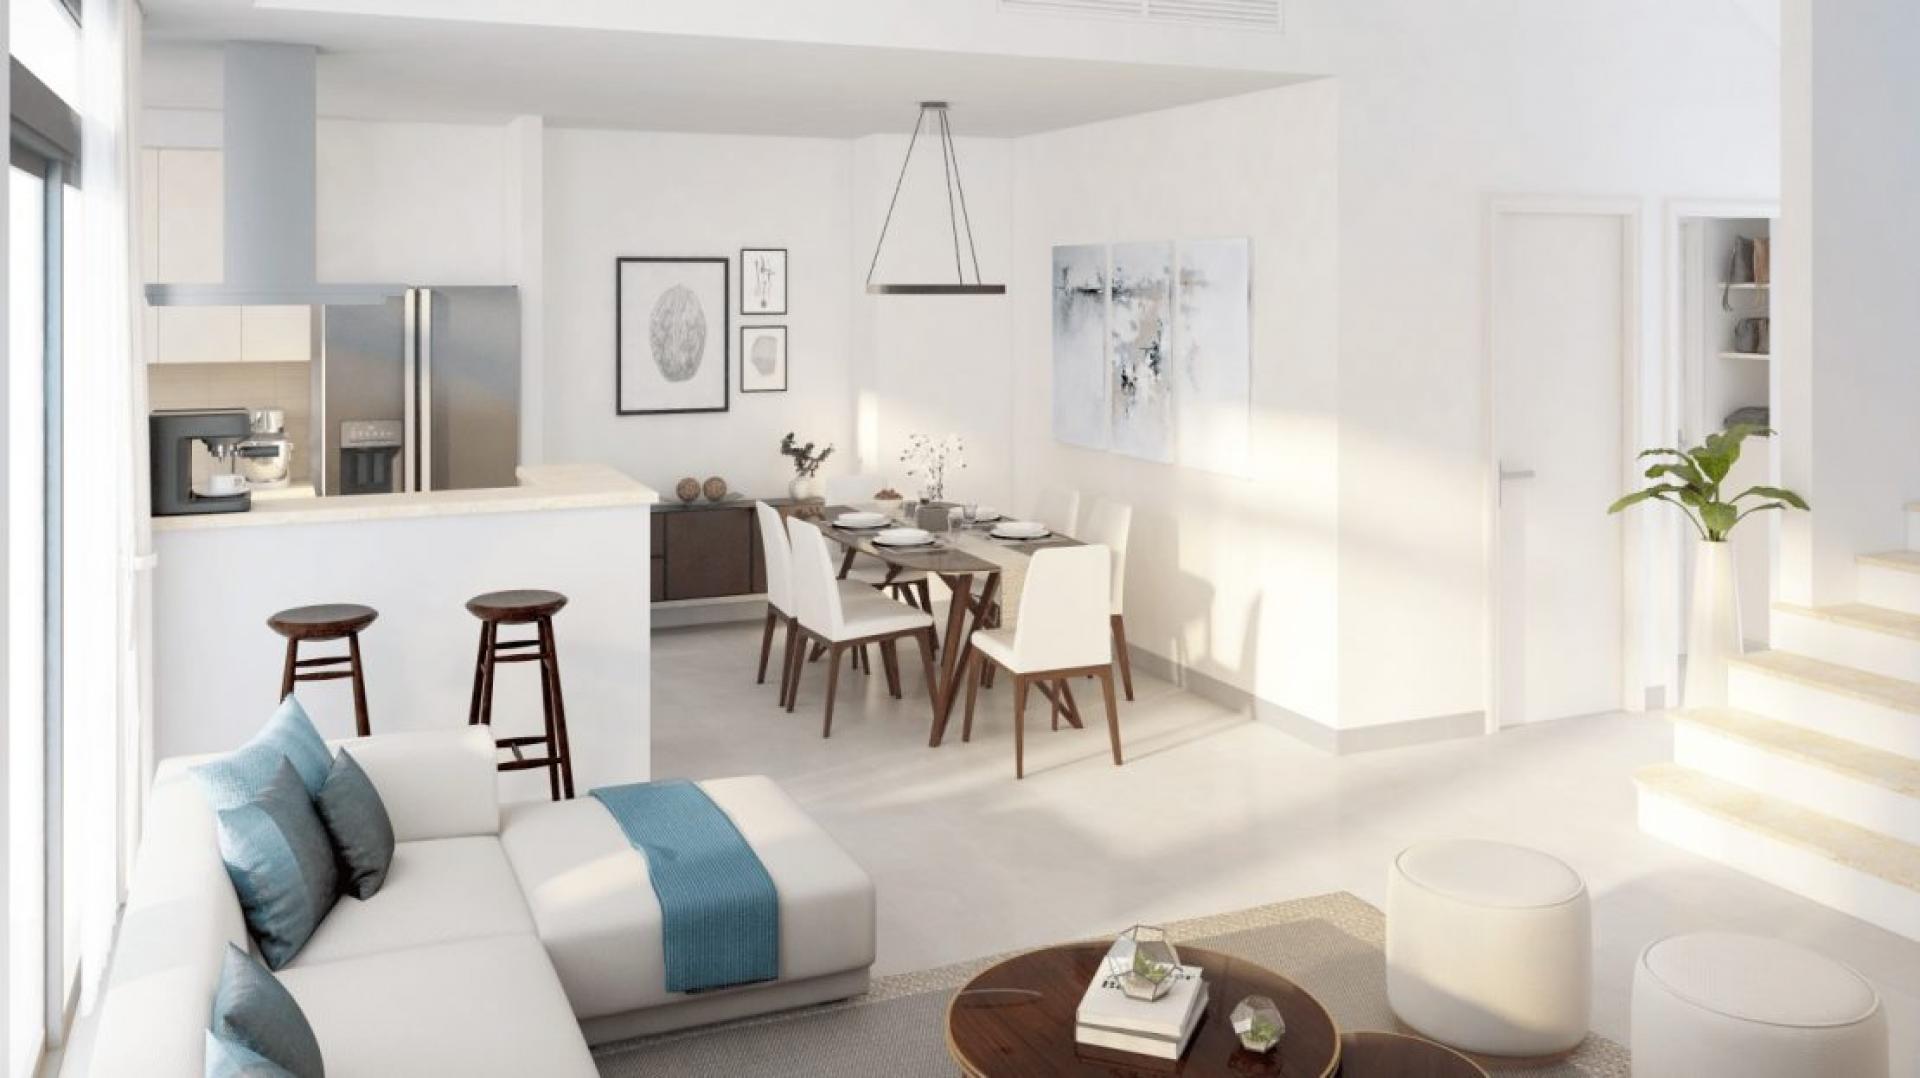 Adosado en venta en Dubai, EAU, 3 dormitorios, 208 m2, № 24021 – foto 5